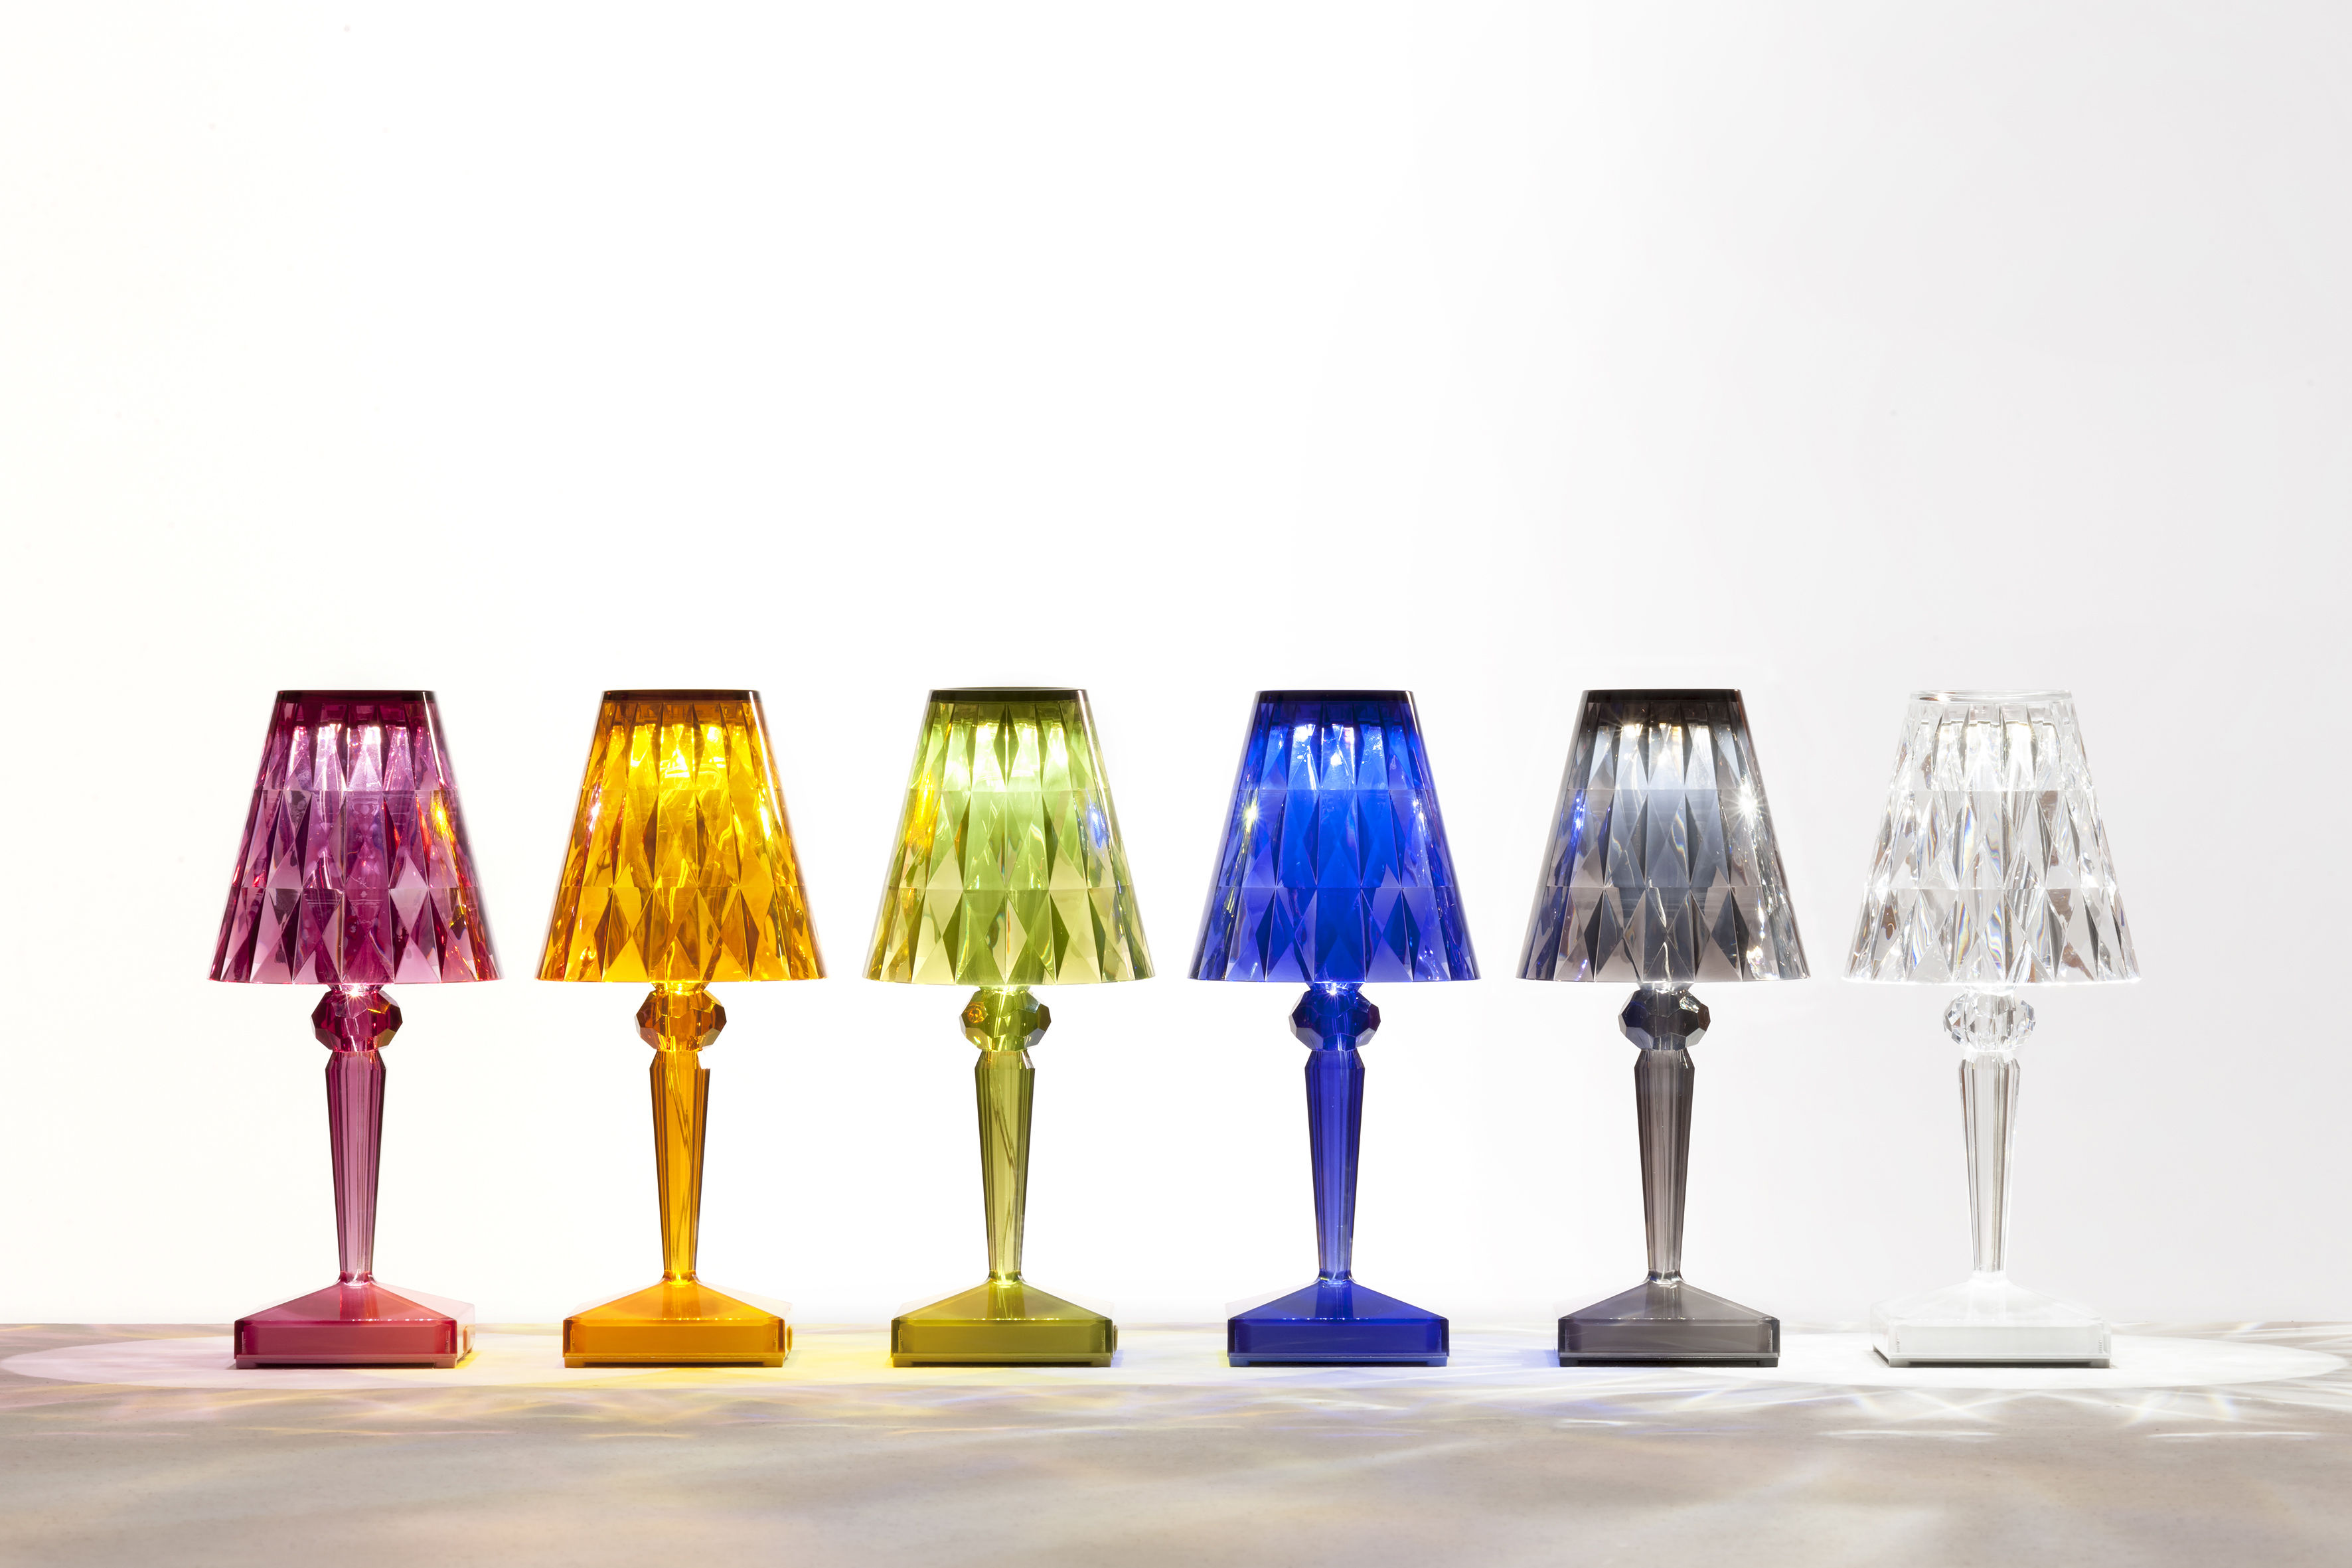 Lampade Kartell senza fili colorate